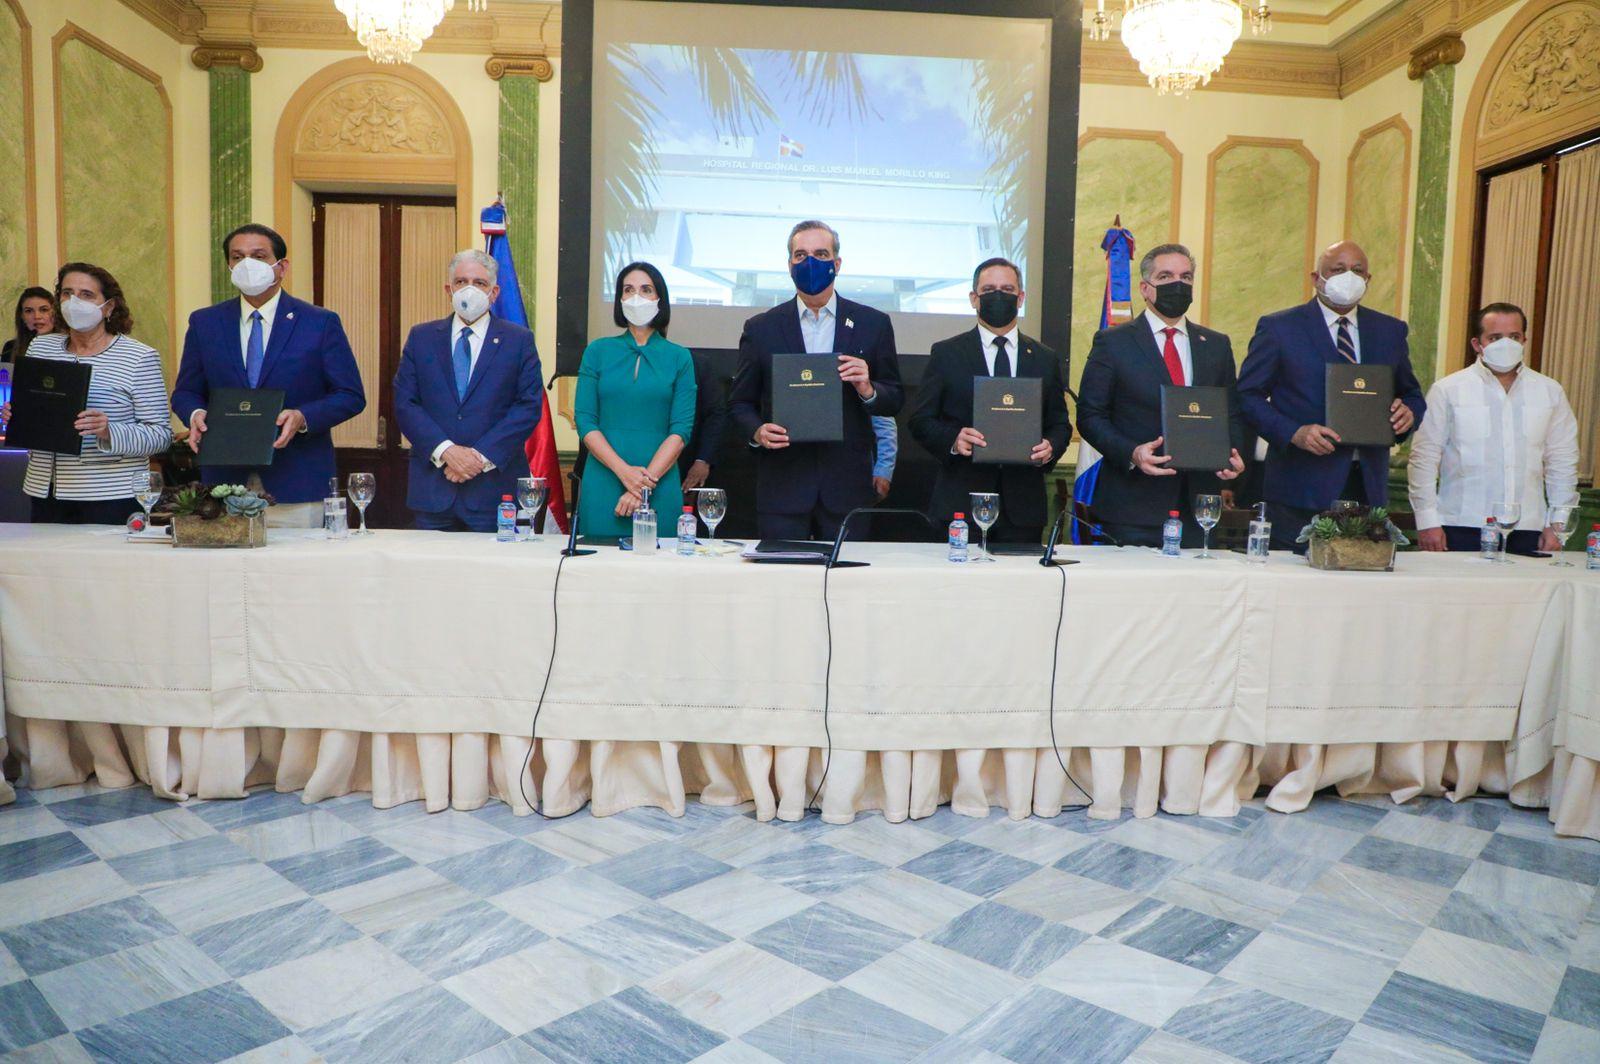 El Gobierno, Unicef y JCE firman acuerdo para impulsar el registro civil oportuno